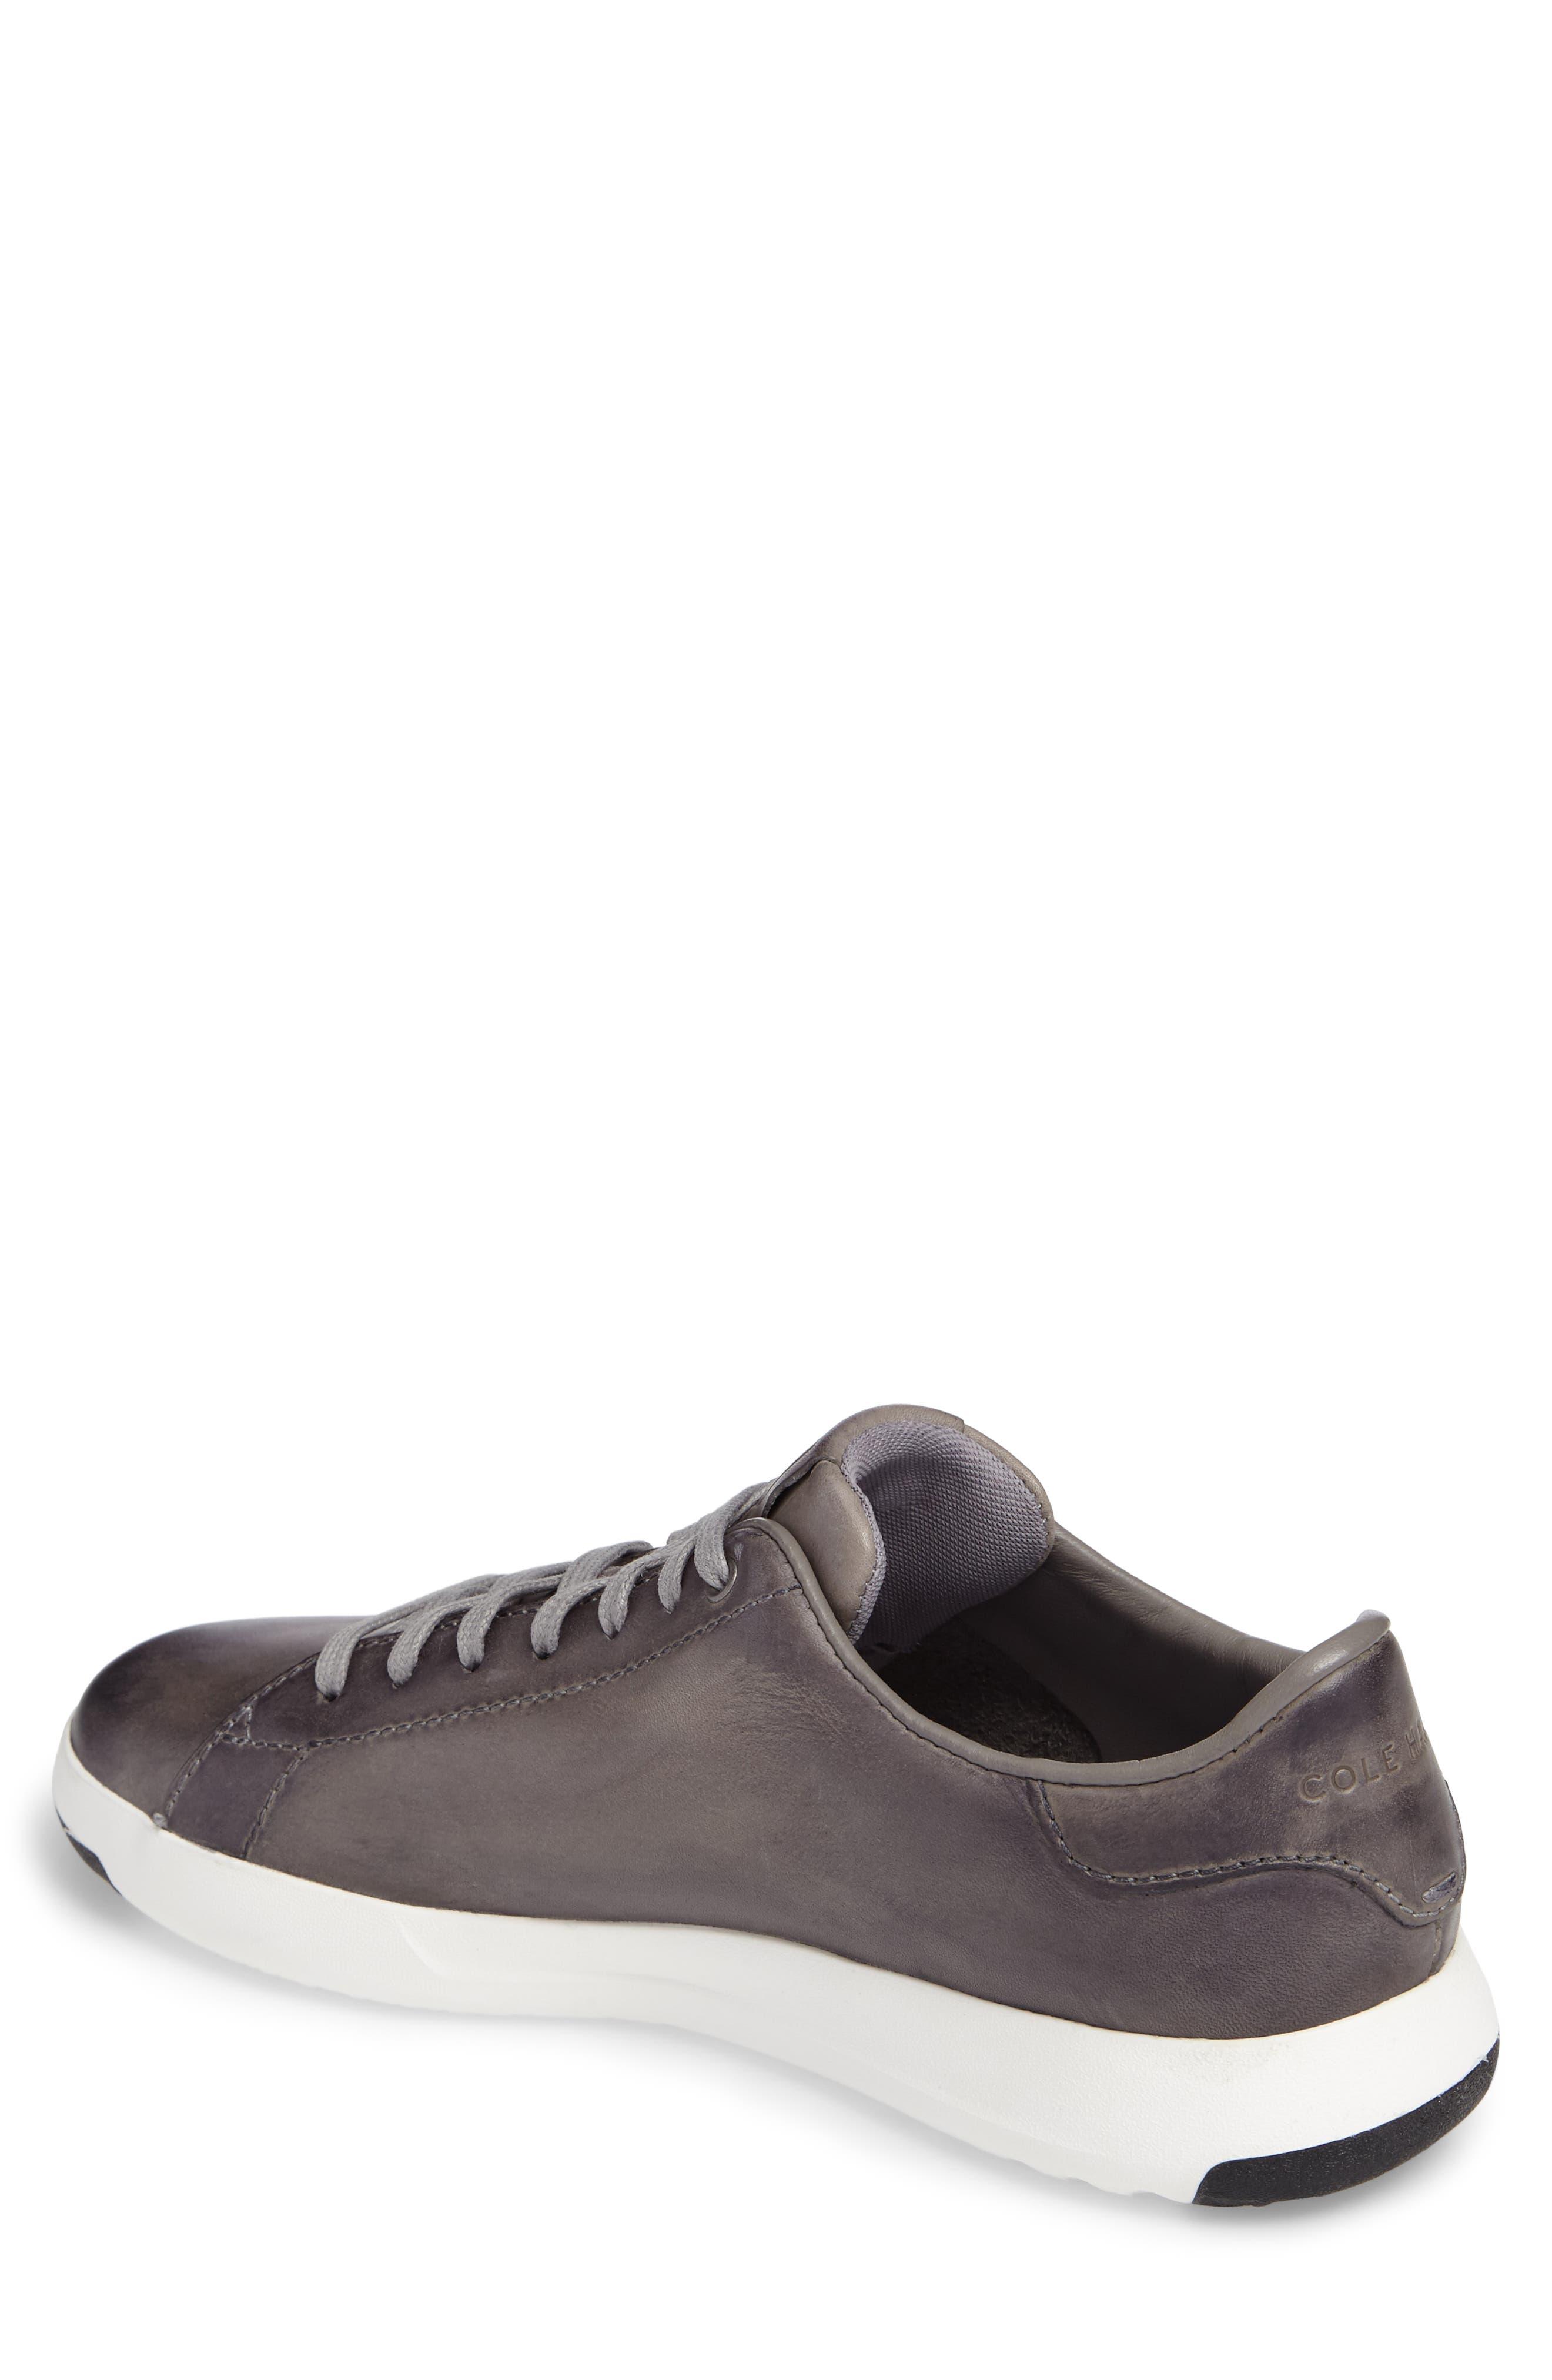 GrandPro Tennis Sneaker,                             Alternate thumbnail 2, color,                             IRONSTONE GRAY HANDSTAIN